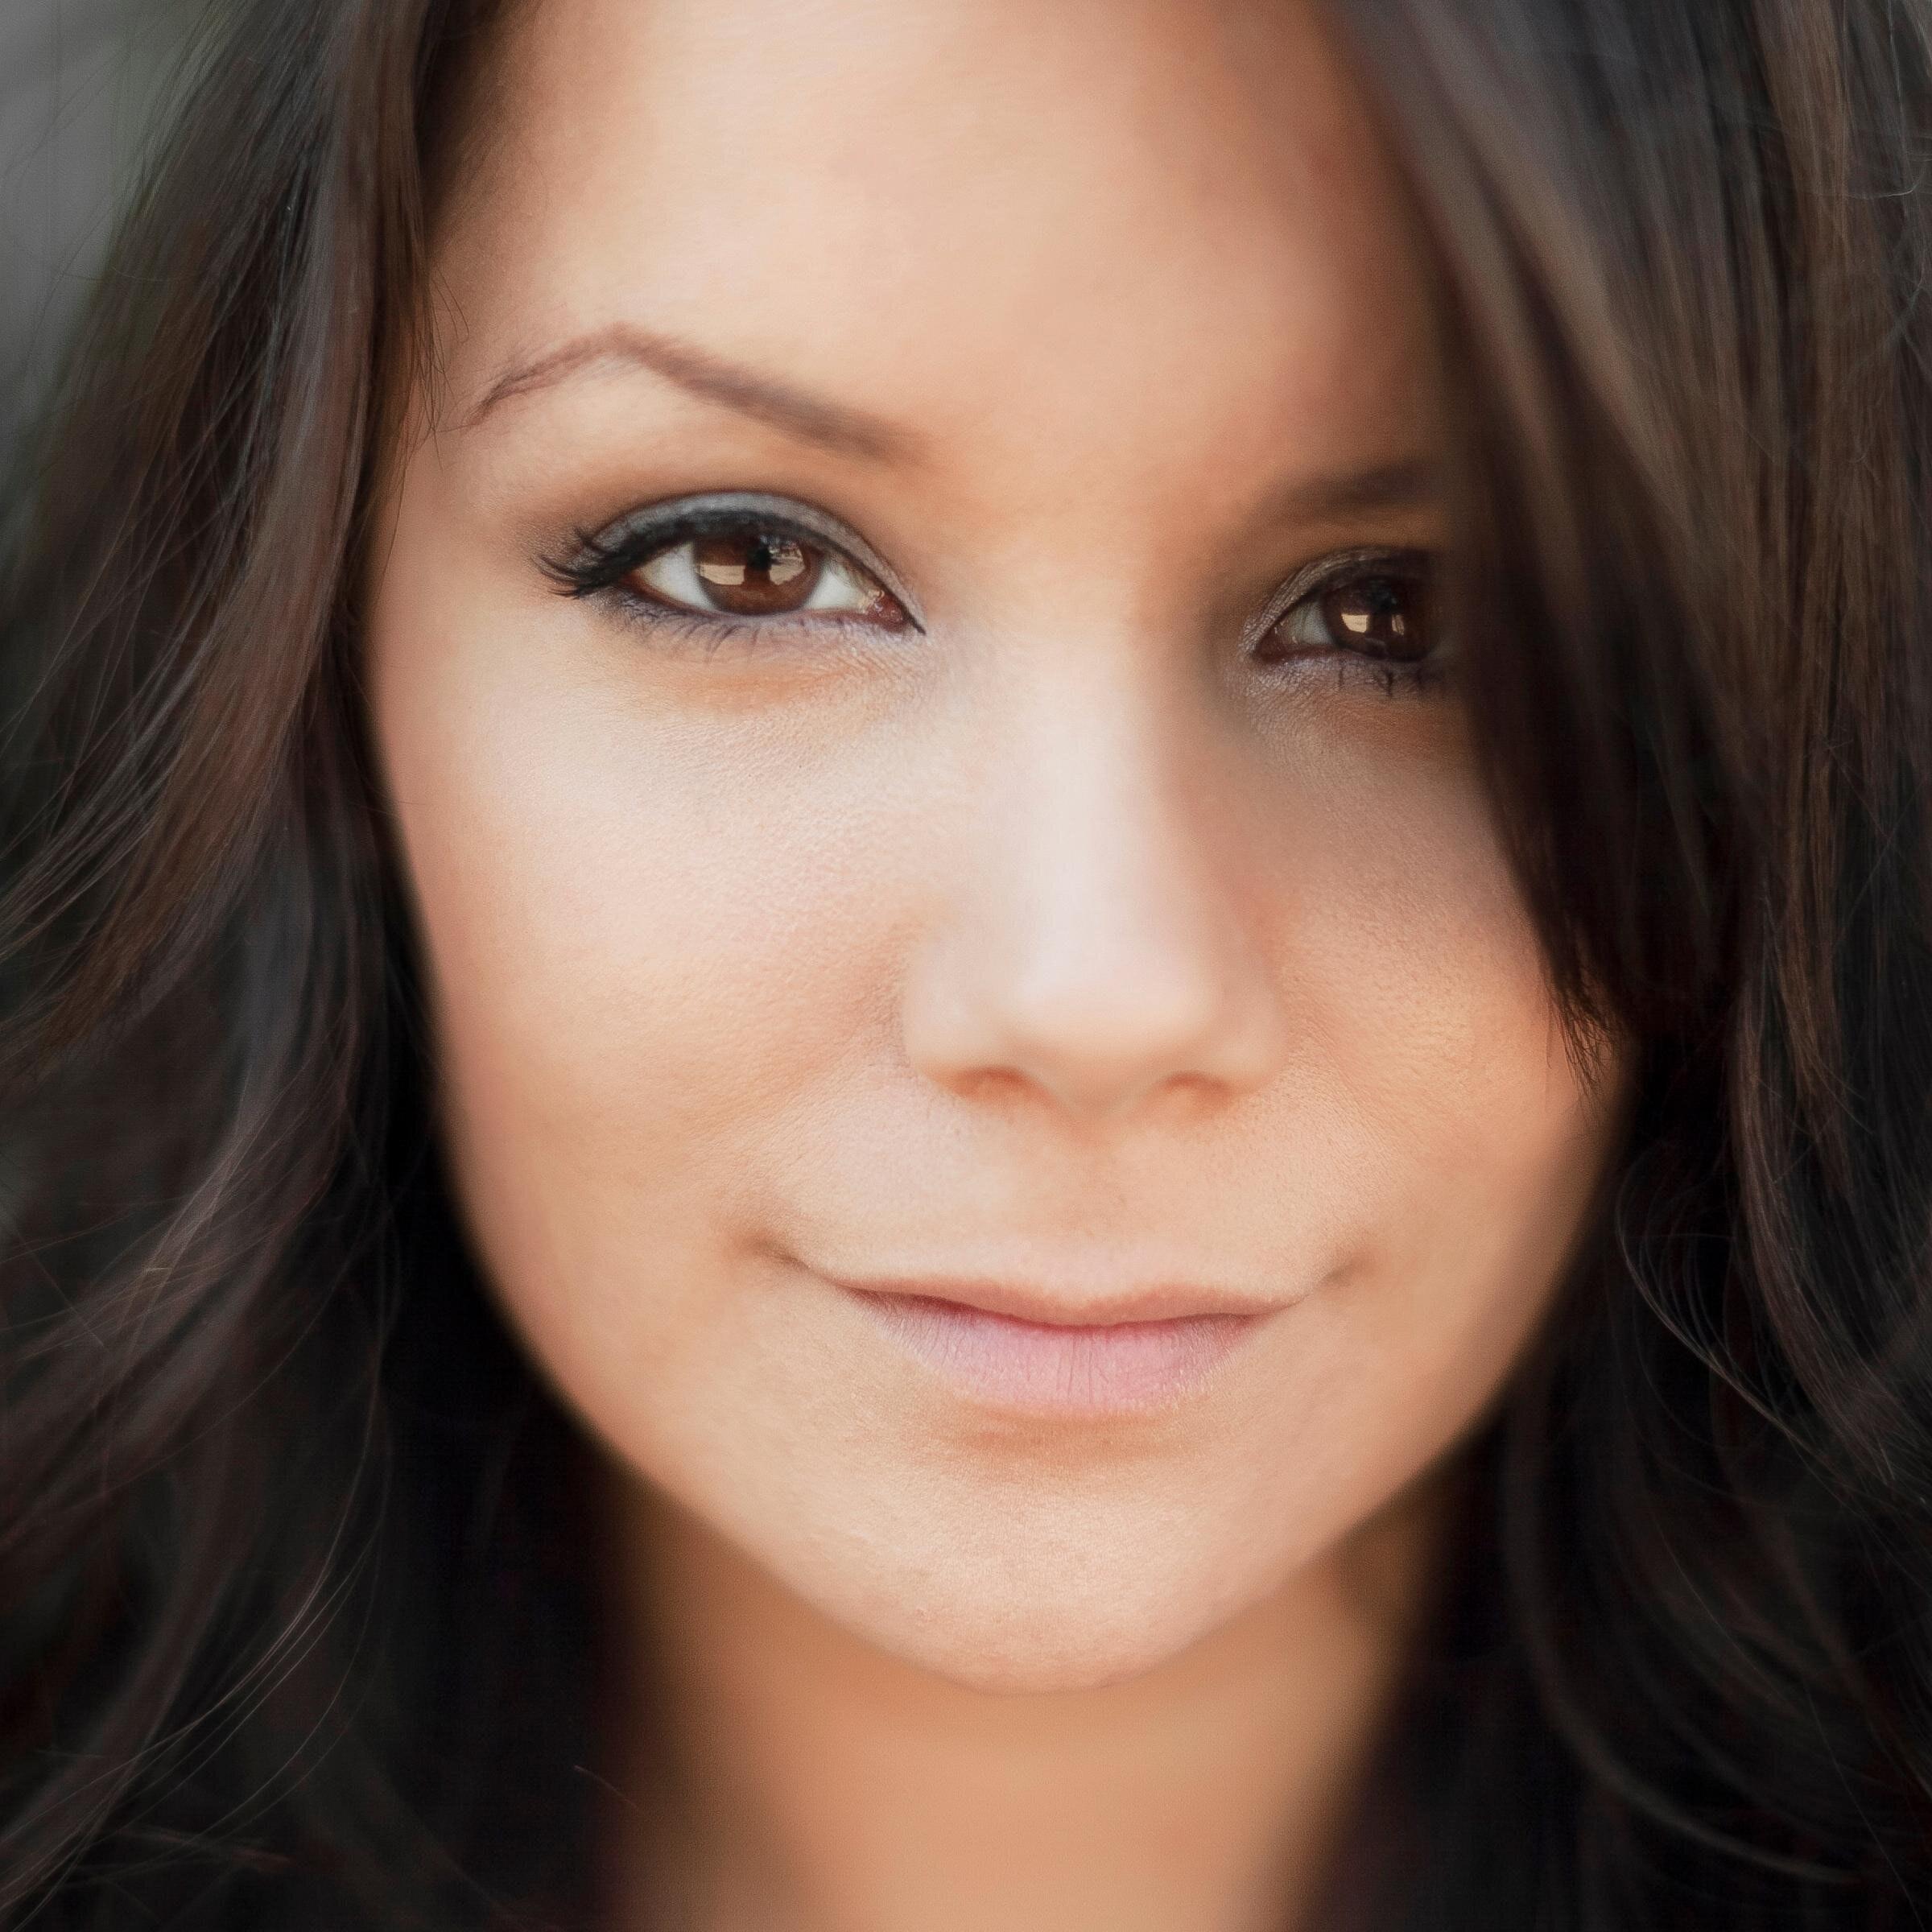 Gabrielle Scrimshaw